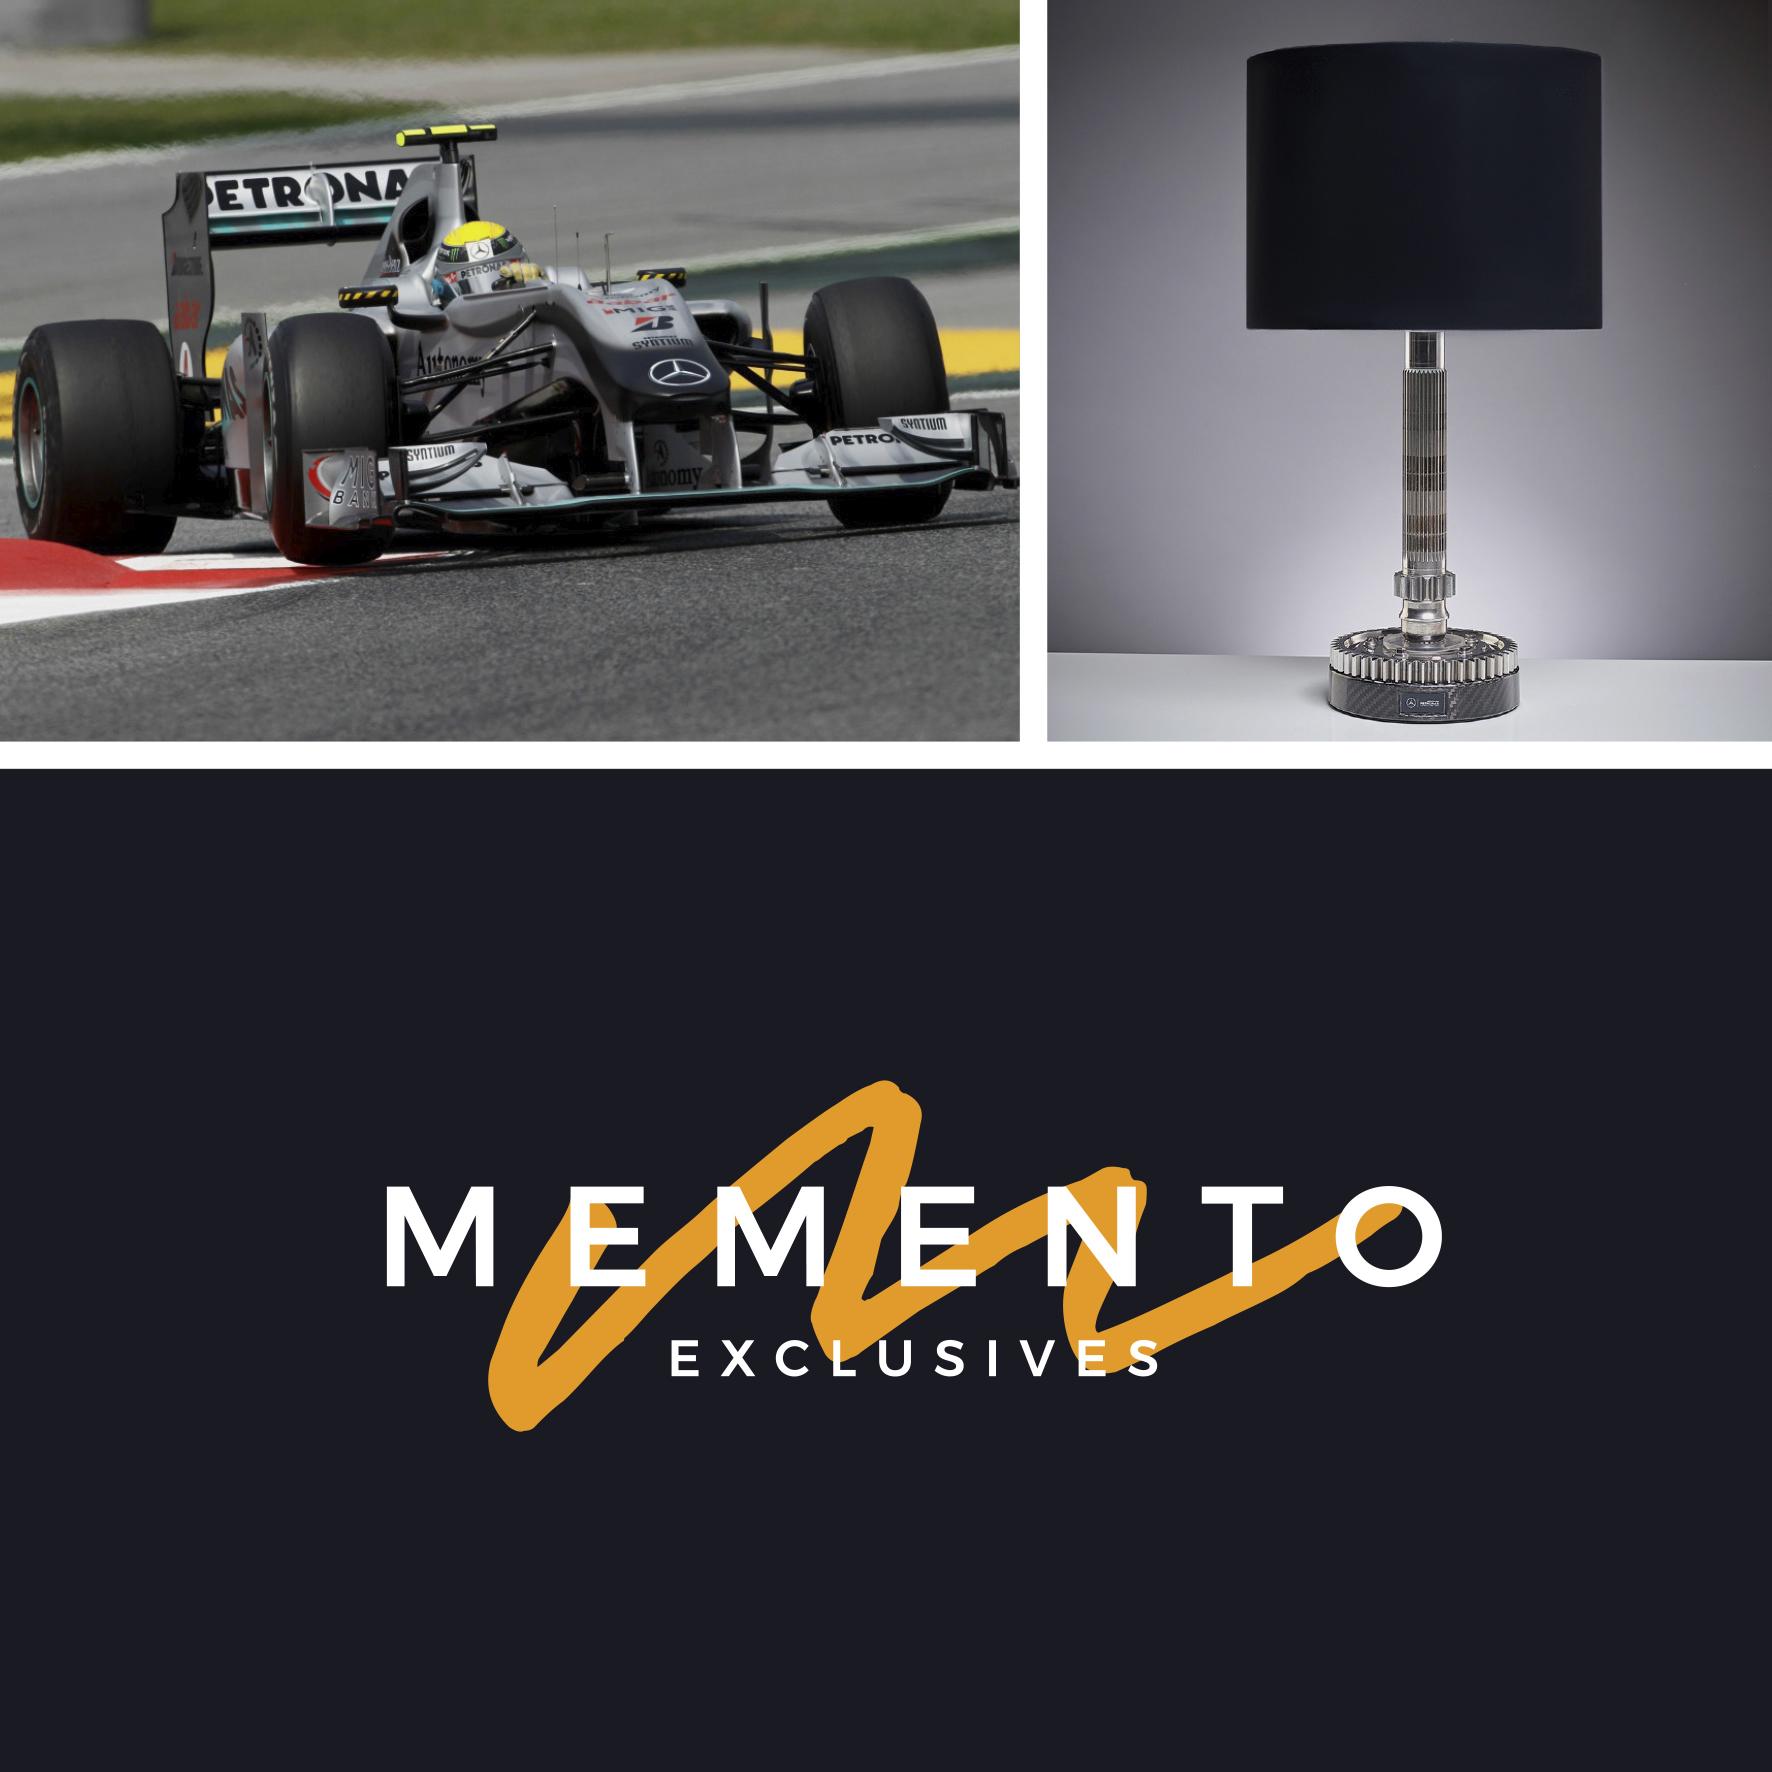 MEMENTO F1 BRANDING.jpg